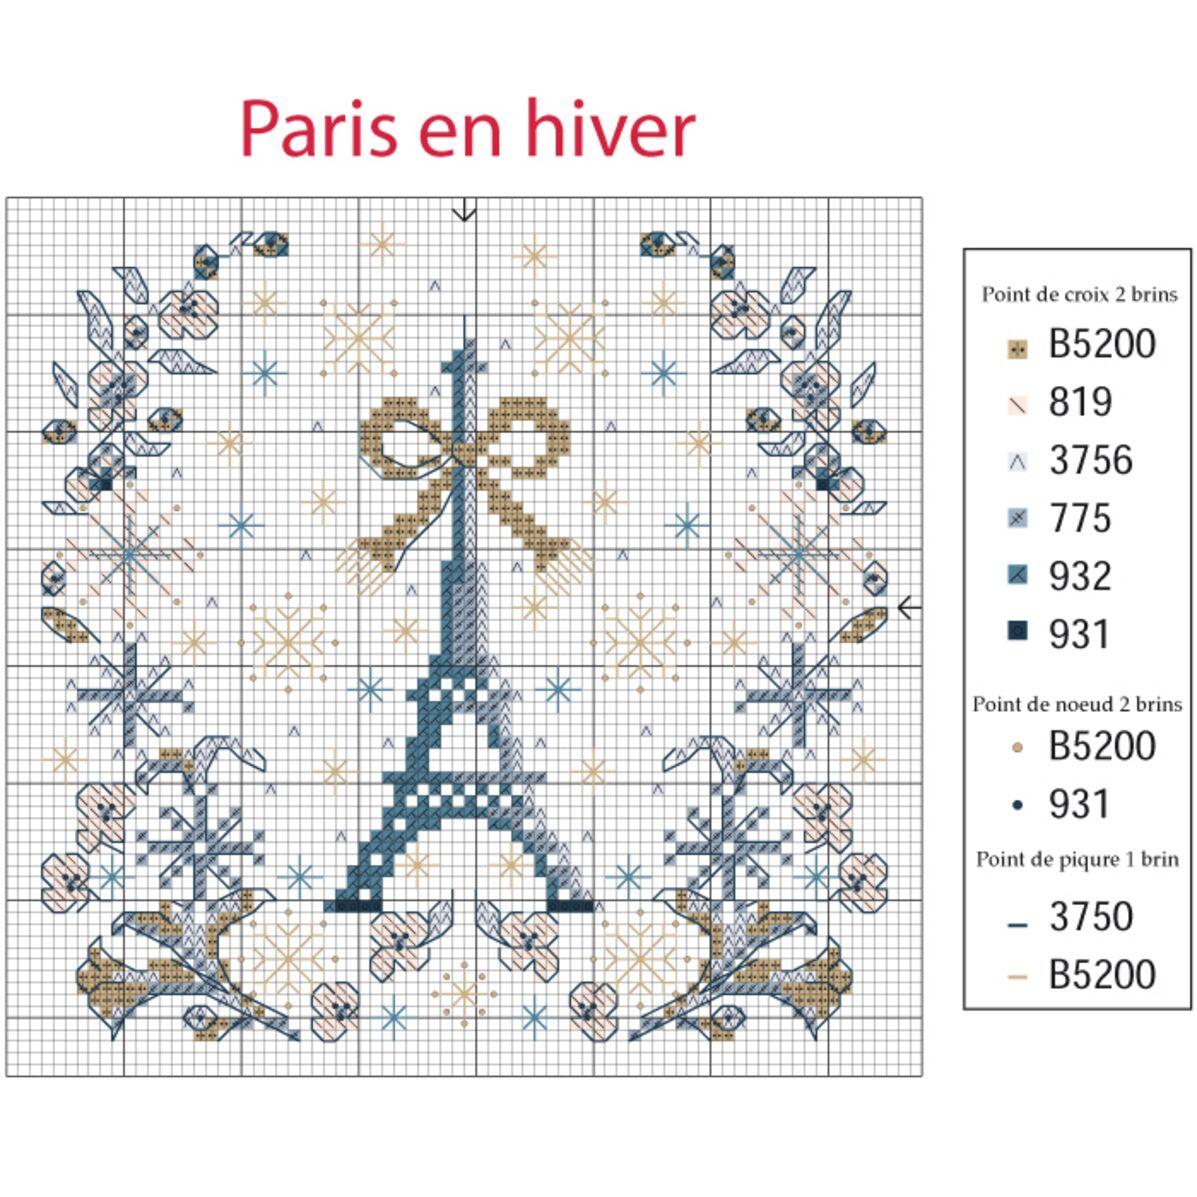 Gratuite Une Grille De Broderie Tour Eiffel Au Point De Croix Femme Actuelle Le Mag